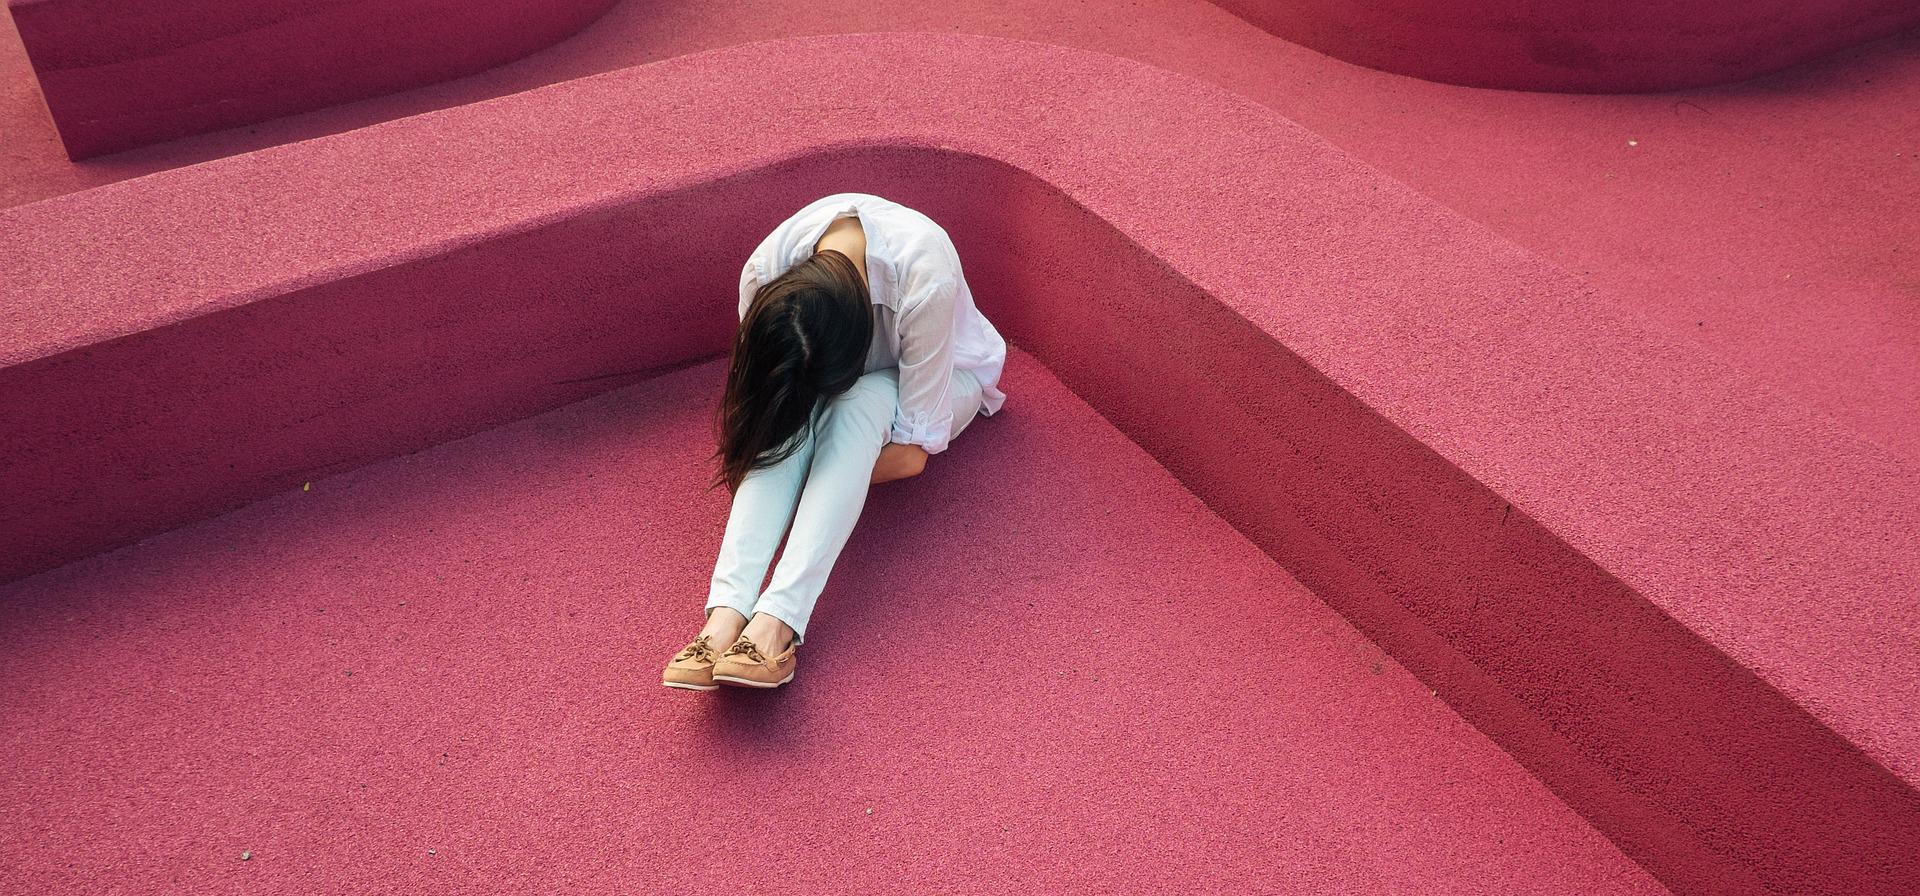 Vegetatív dystonia - tünetek, okok, kezelés - Dystonia November